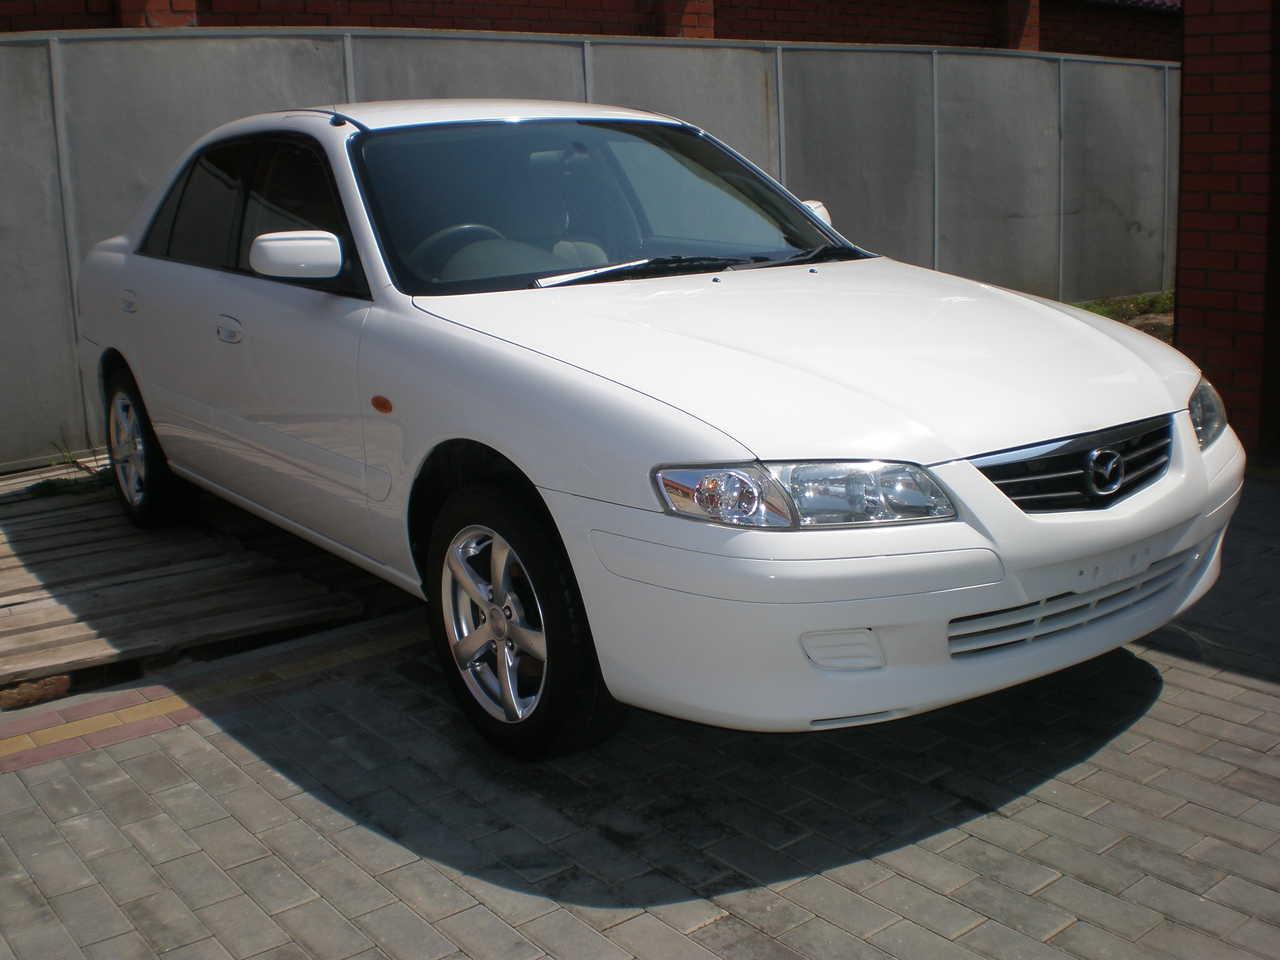 Used 2003 Mazda Capella Photos, 1800cc., Gasoline, FF, Automatic